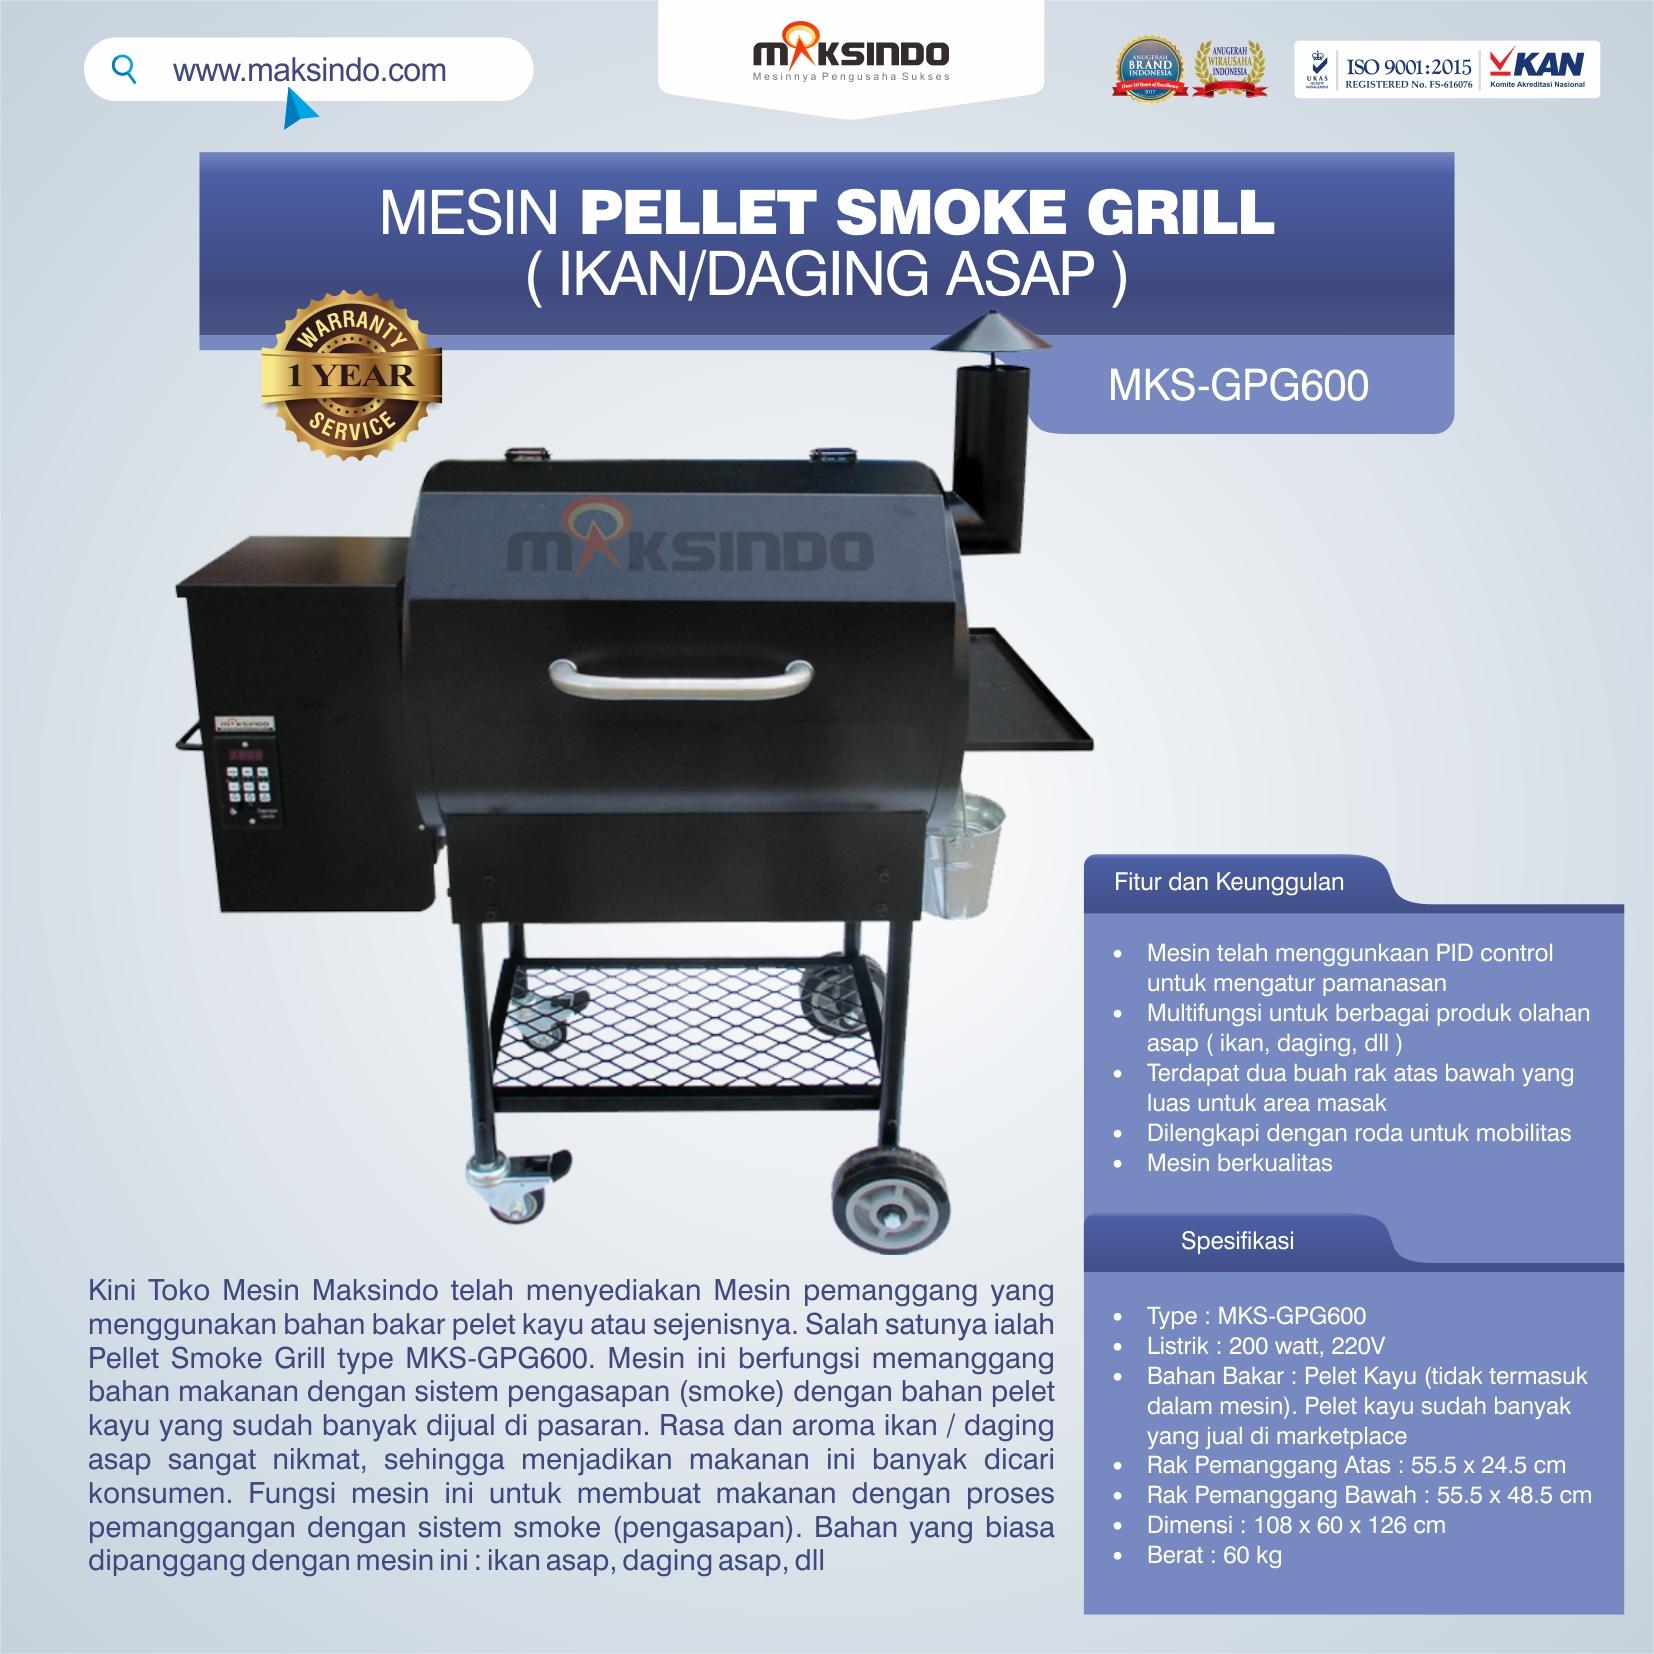 Jual Pellet Grill MKS-GPG600 di Banjarmasin